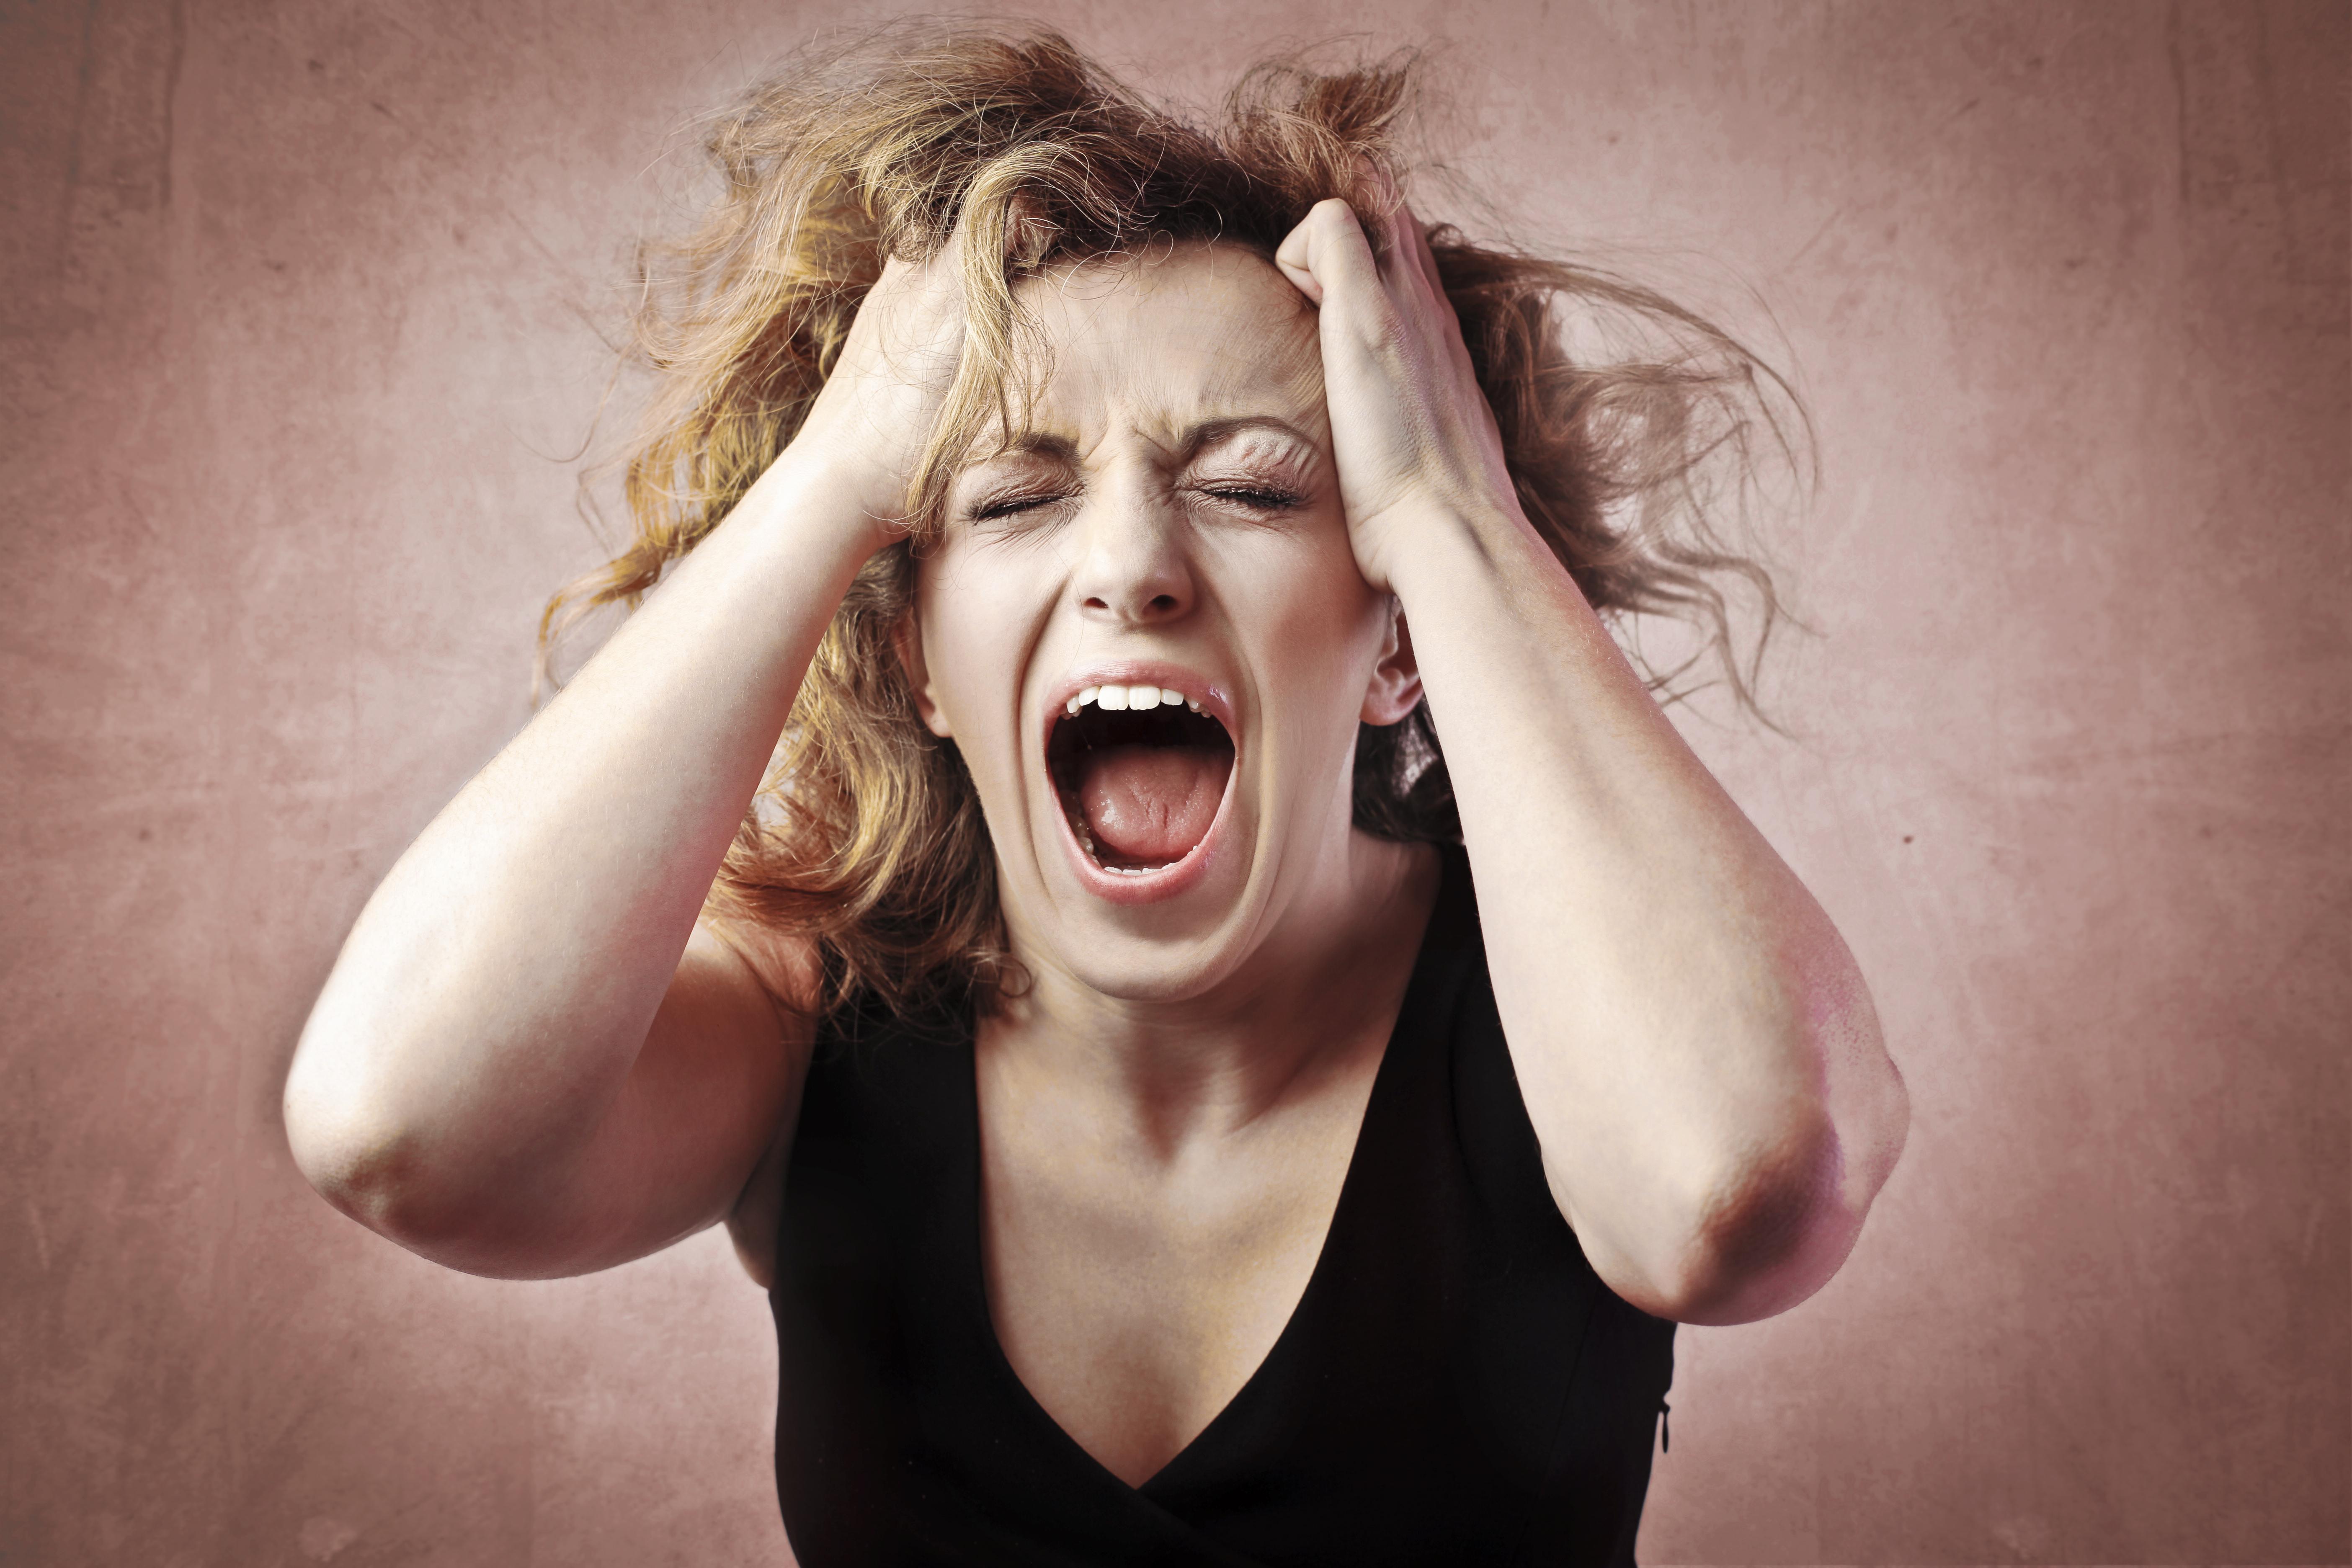 Фото кричащей девушки 11 фотография